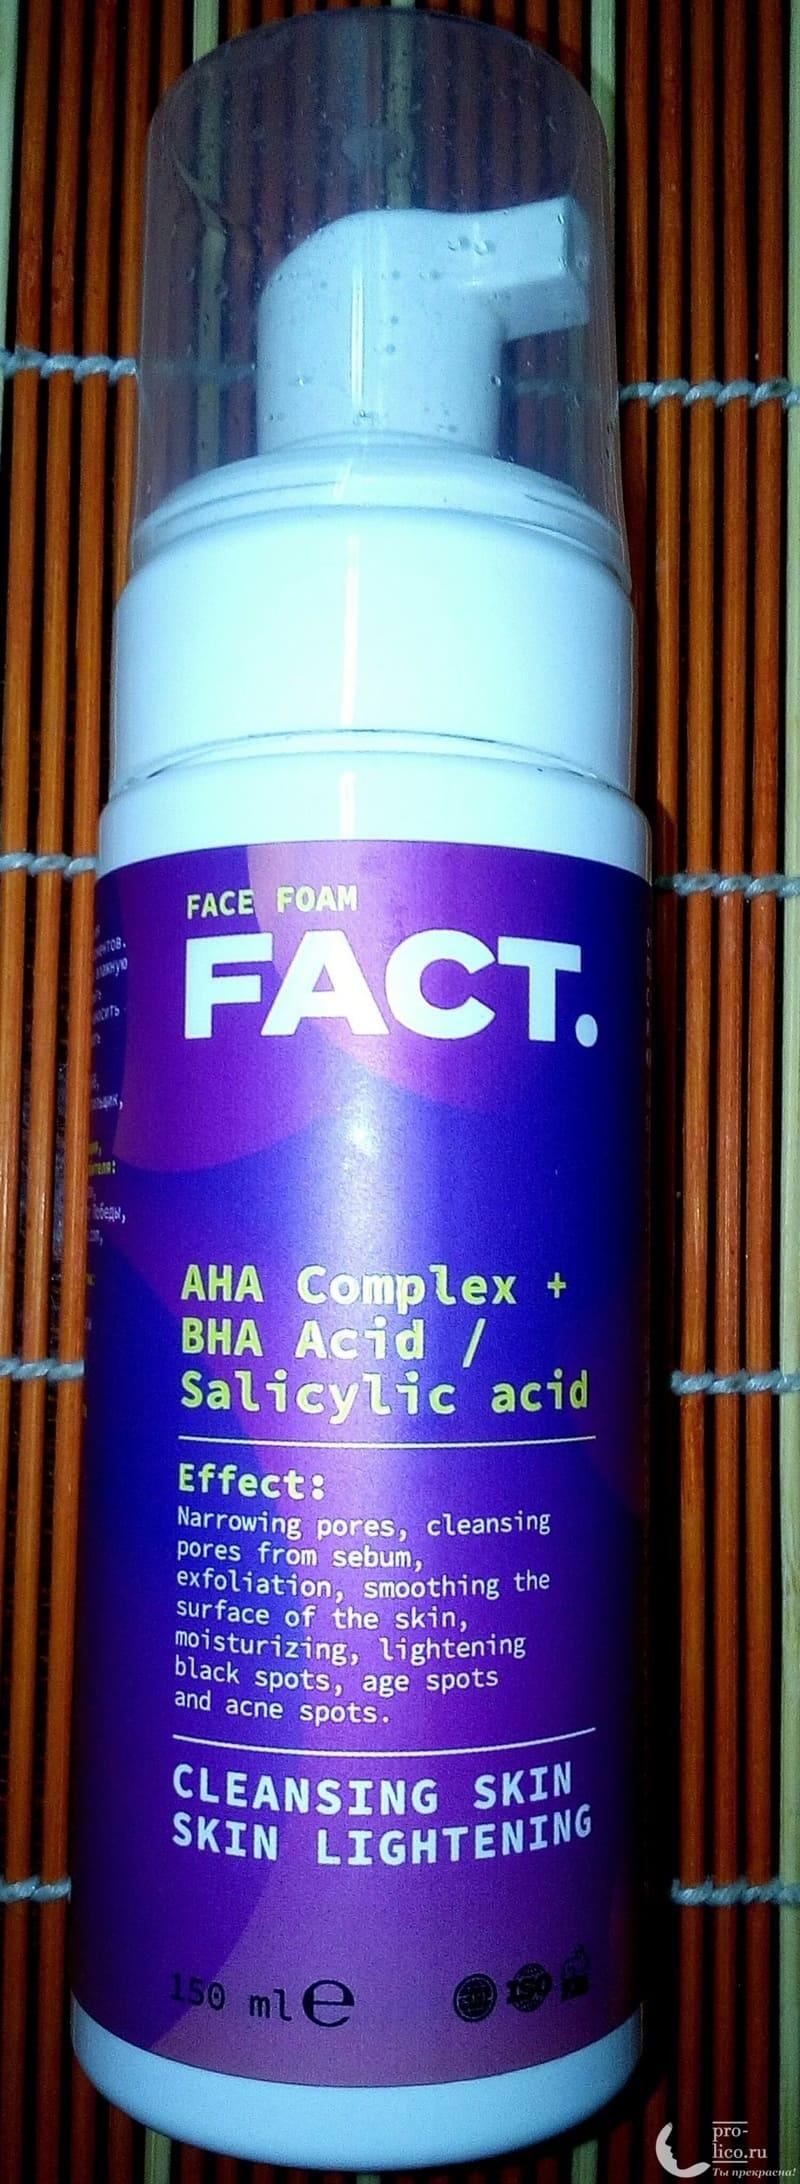 Мой отзыв на эффективную пенку для умывания с АНА-кислотами от ART&FACT